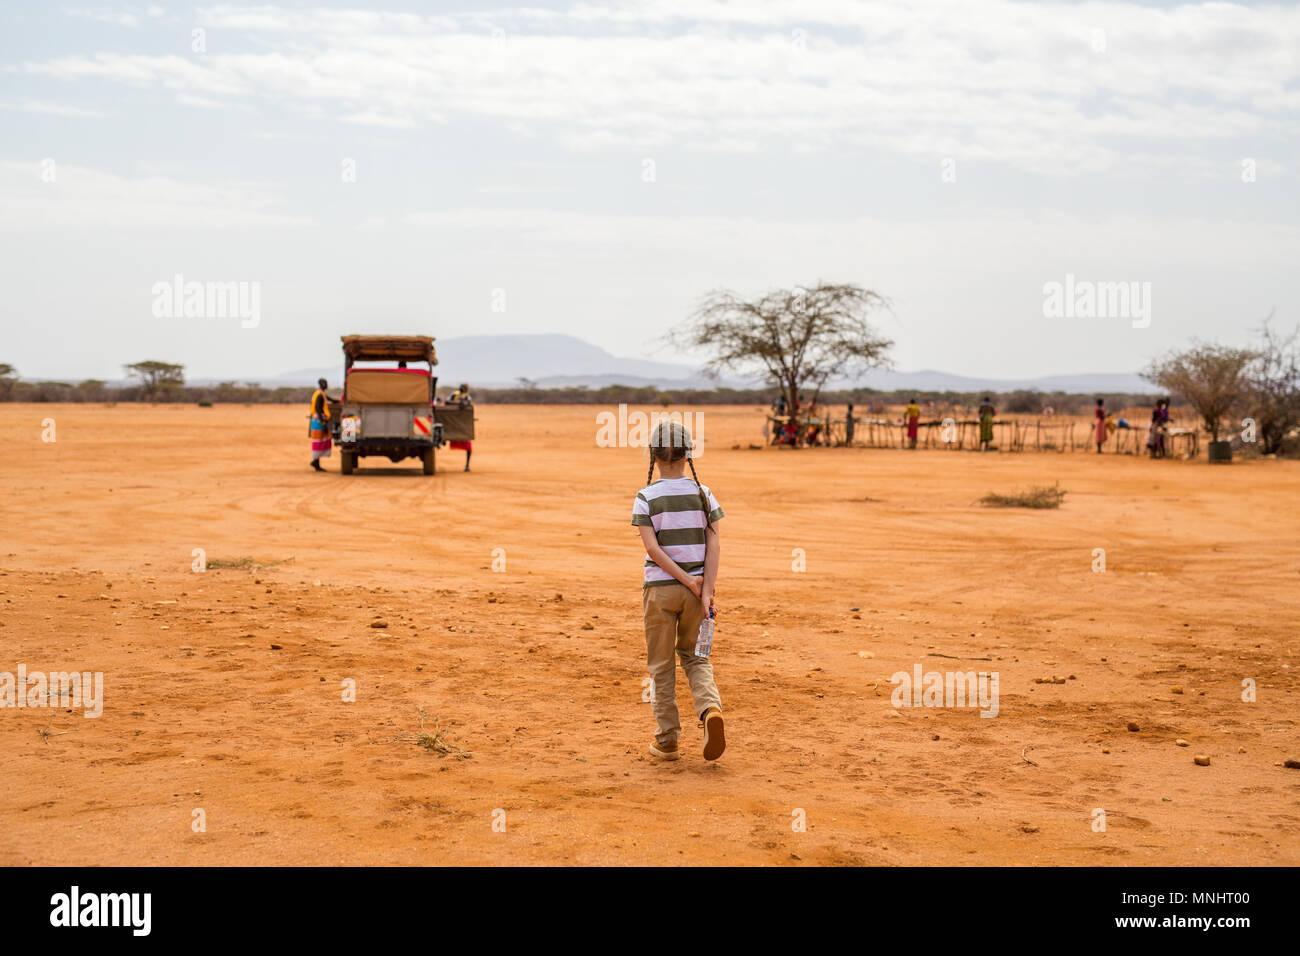 Adorable niña en Kenya safari caminando hacia el vehículo abierto Imagen De Stock